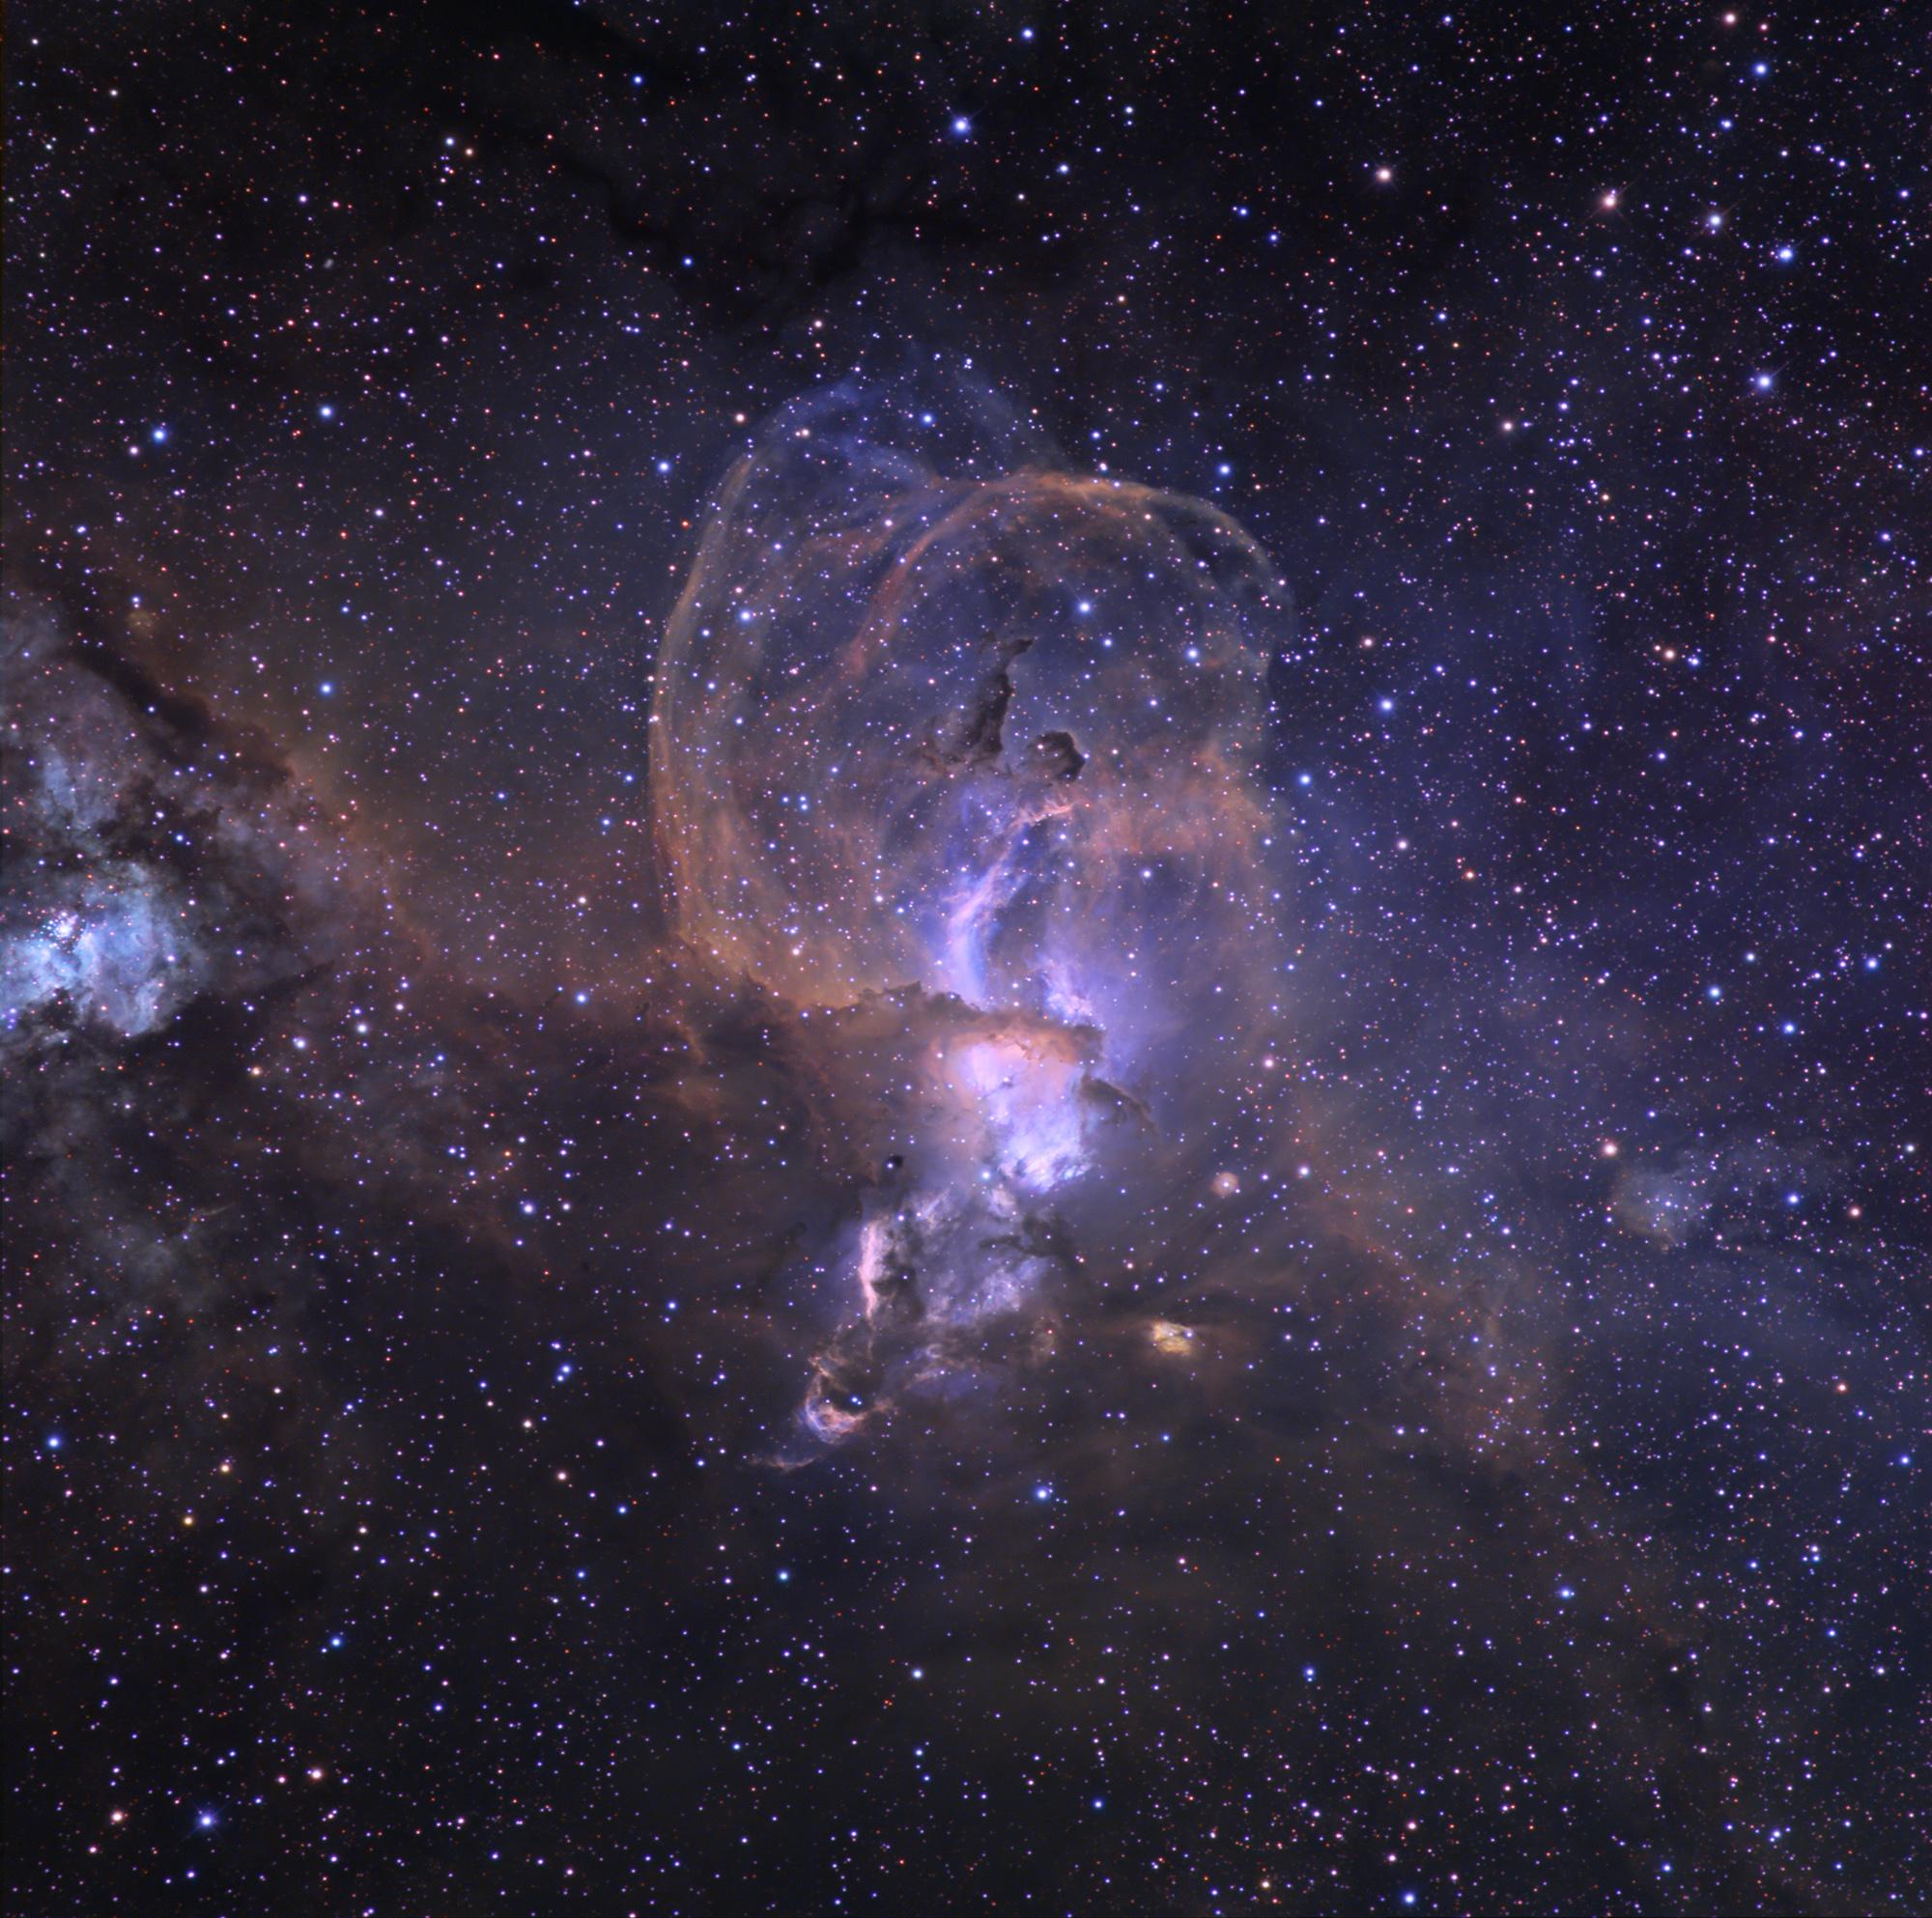 APOD: 2008 March 26 - The NGC 3576 Nebula